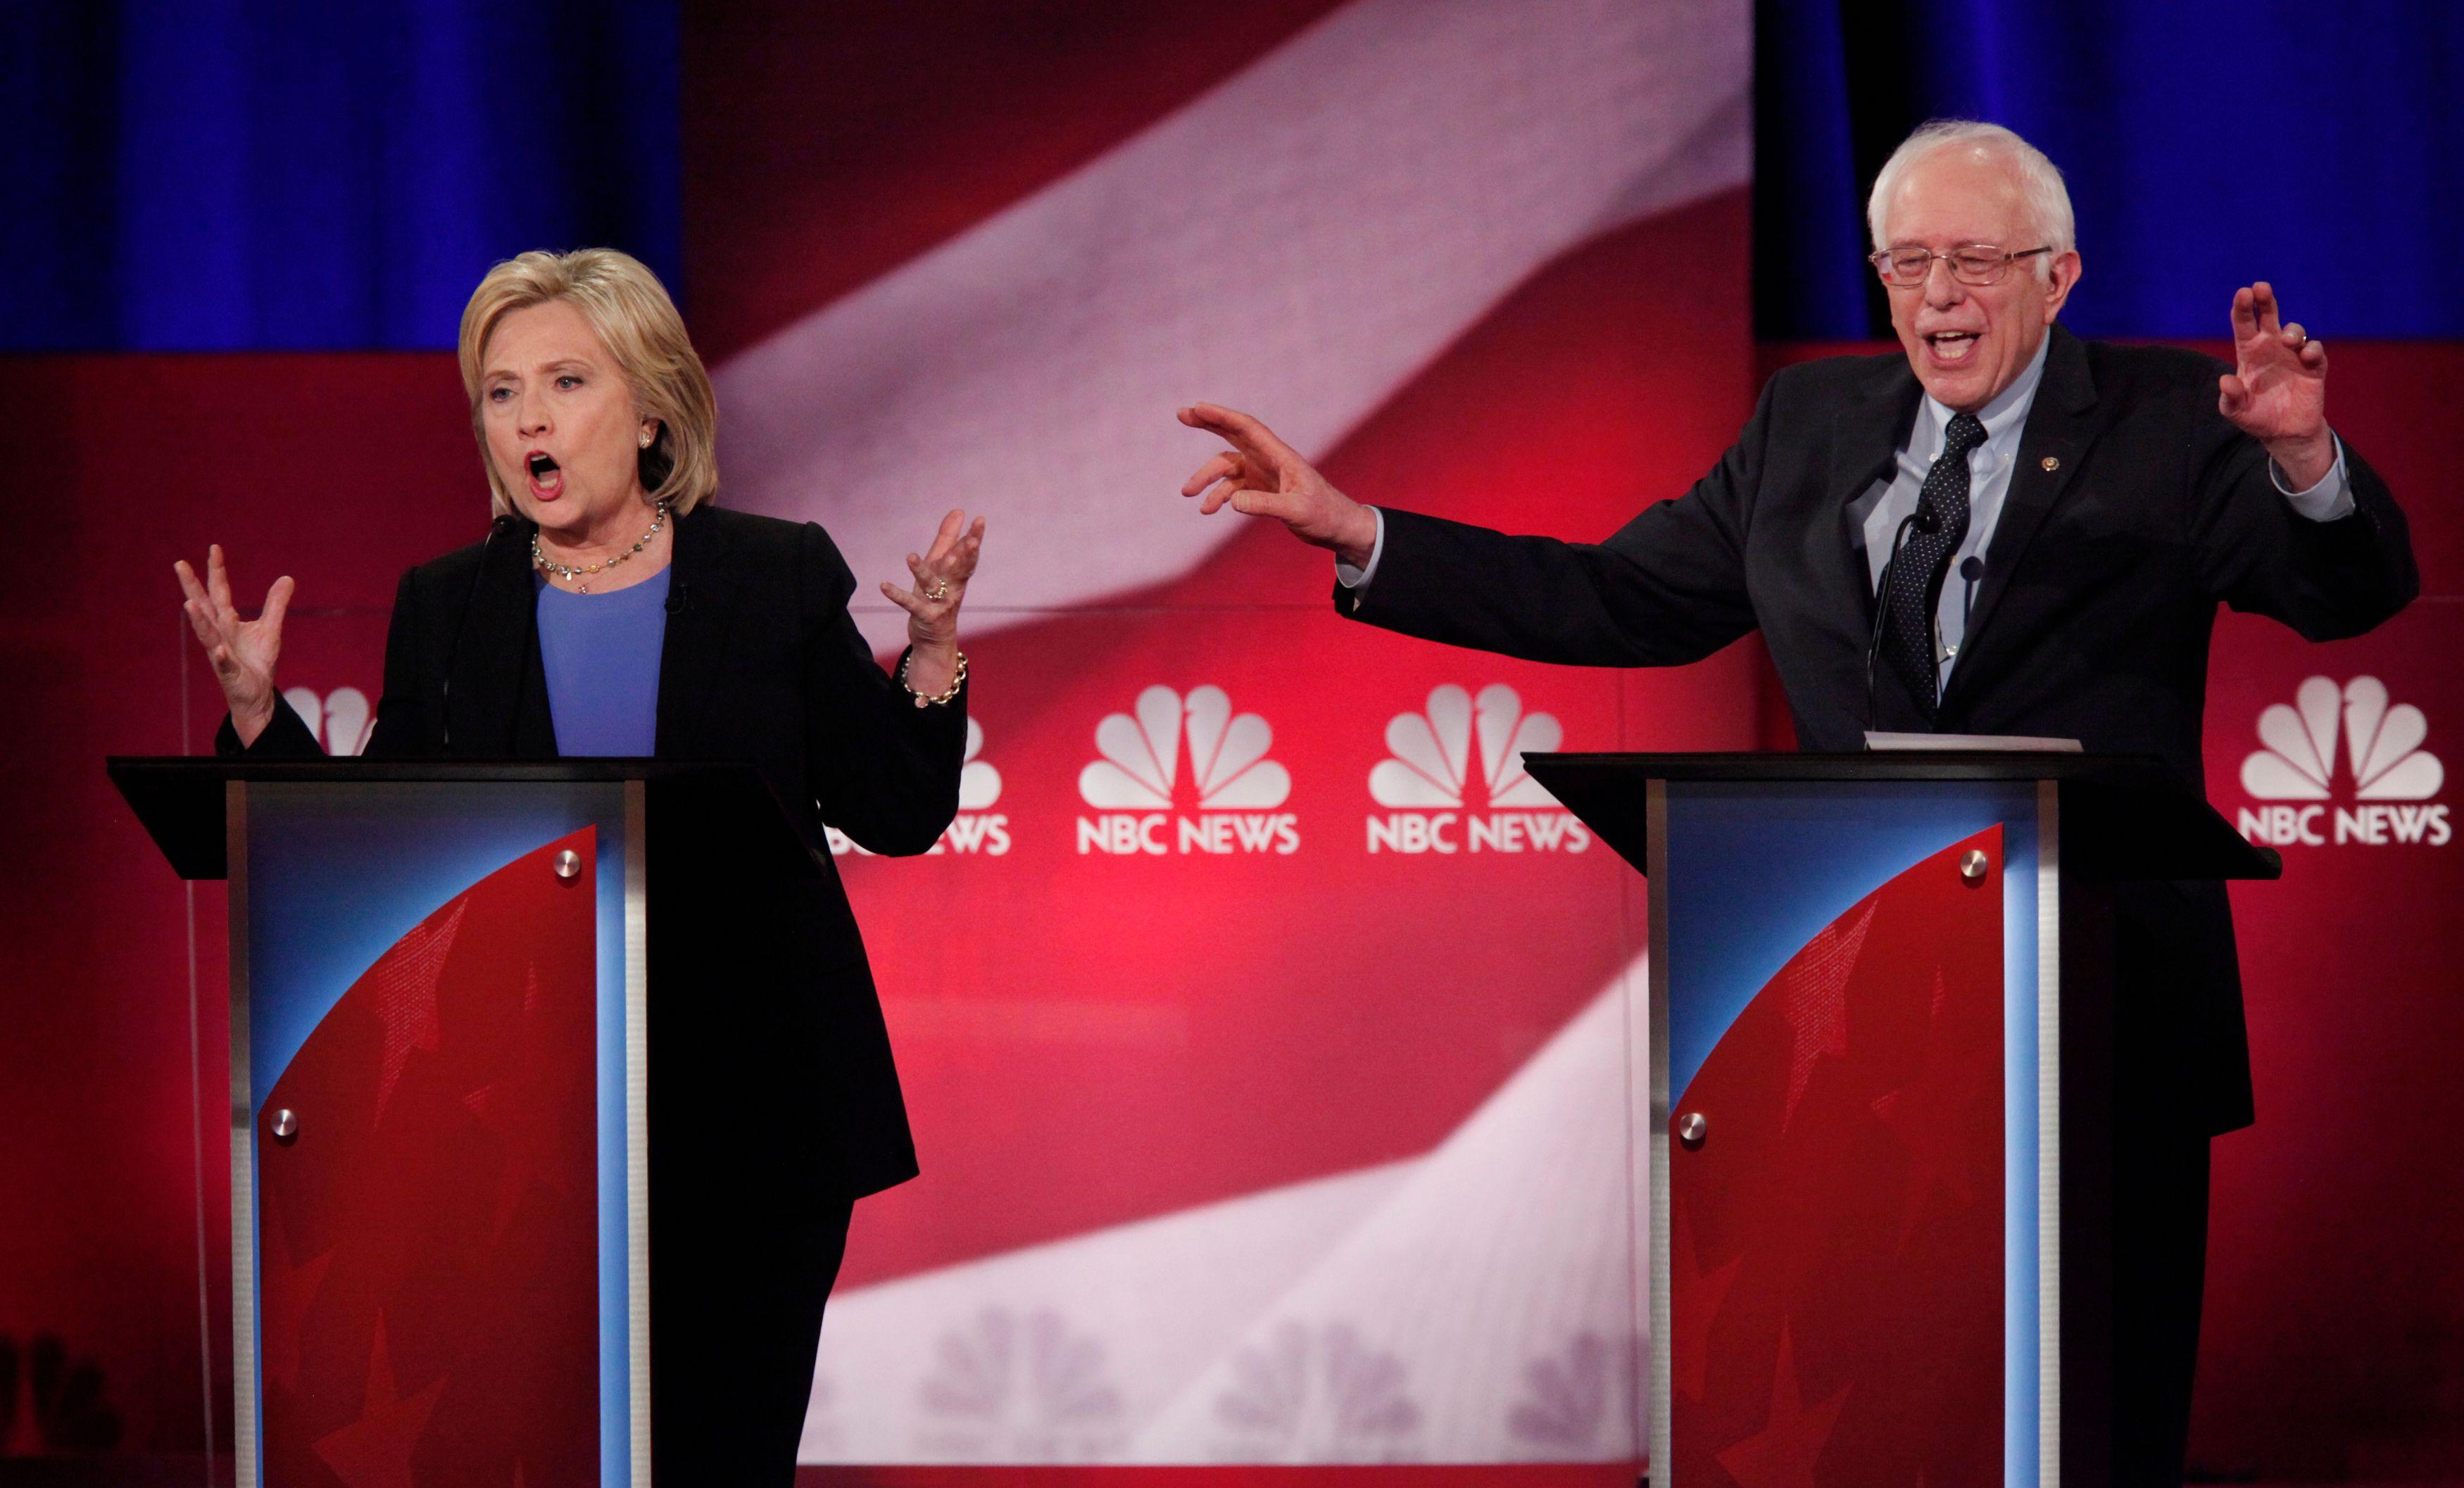 """Selon Bernie Sanders, son adversaire ne peut pas se prétendre à la fois """"modérée et progressiste""""."""